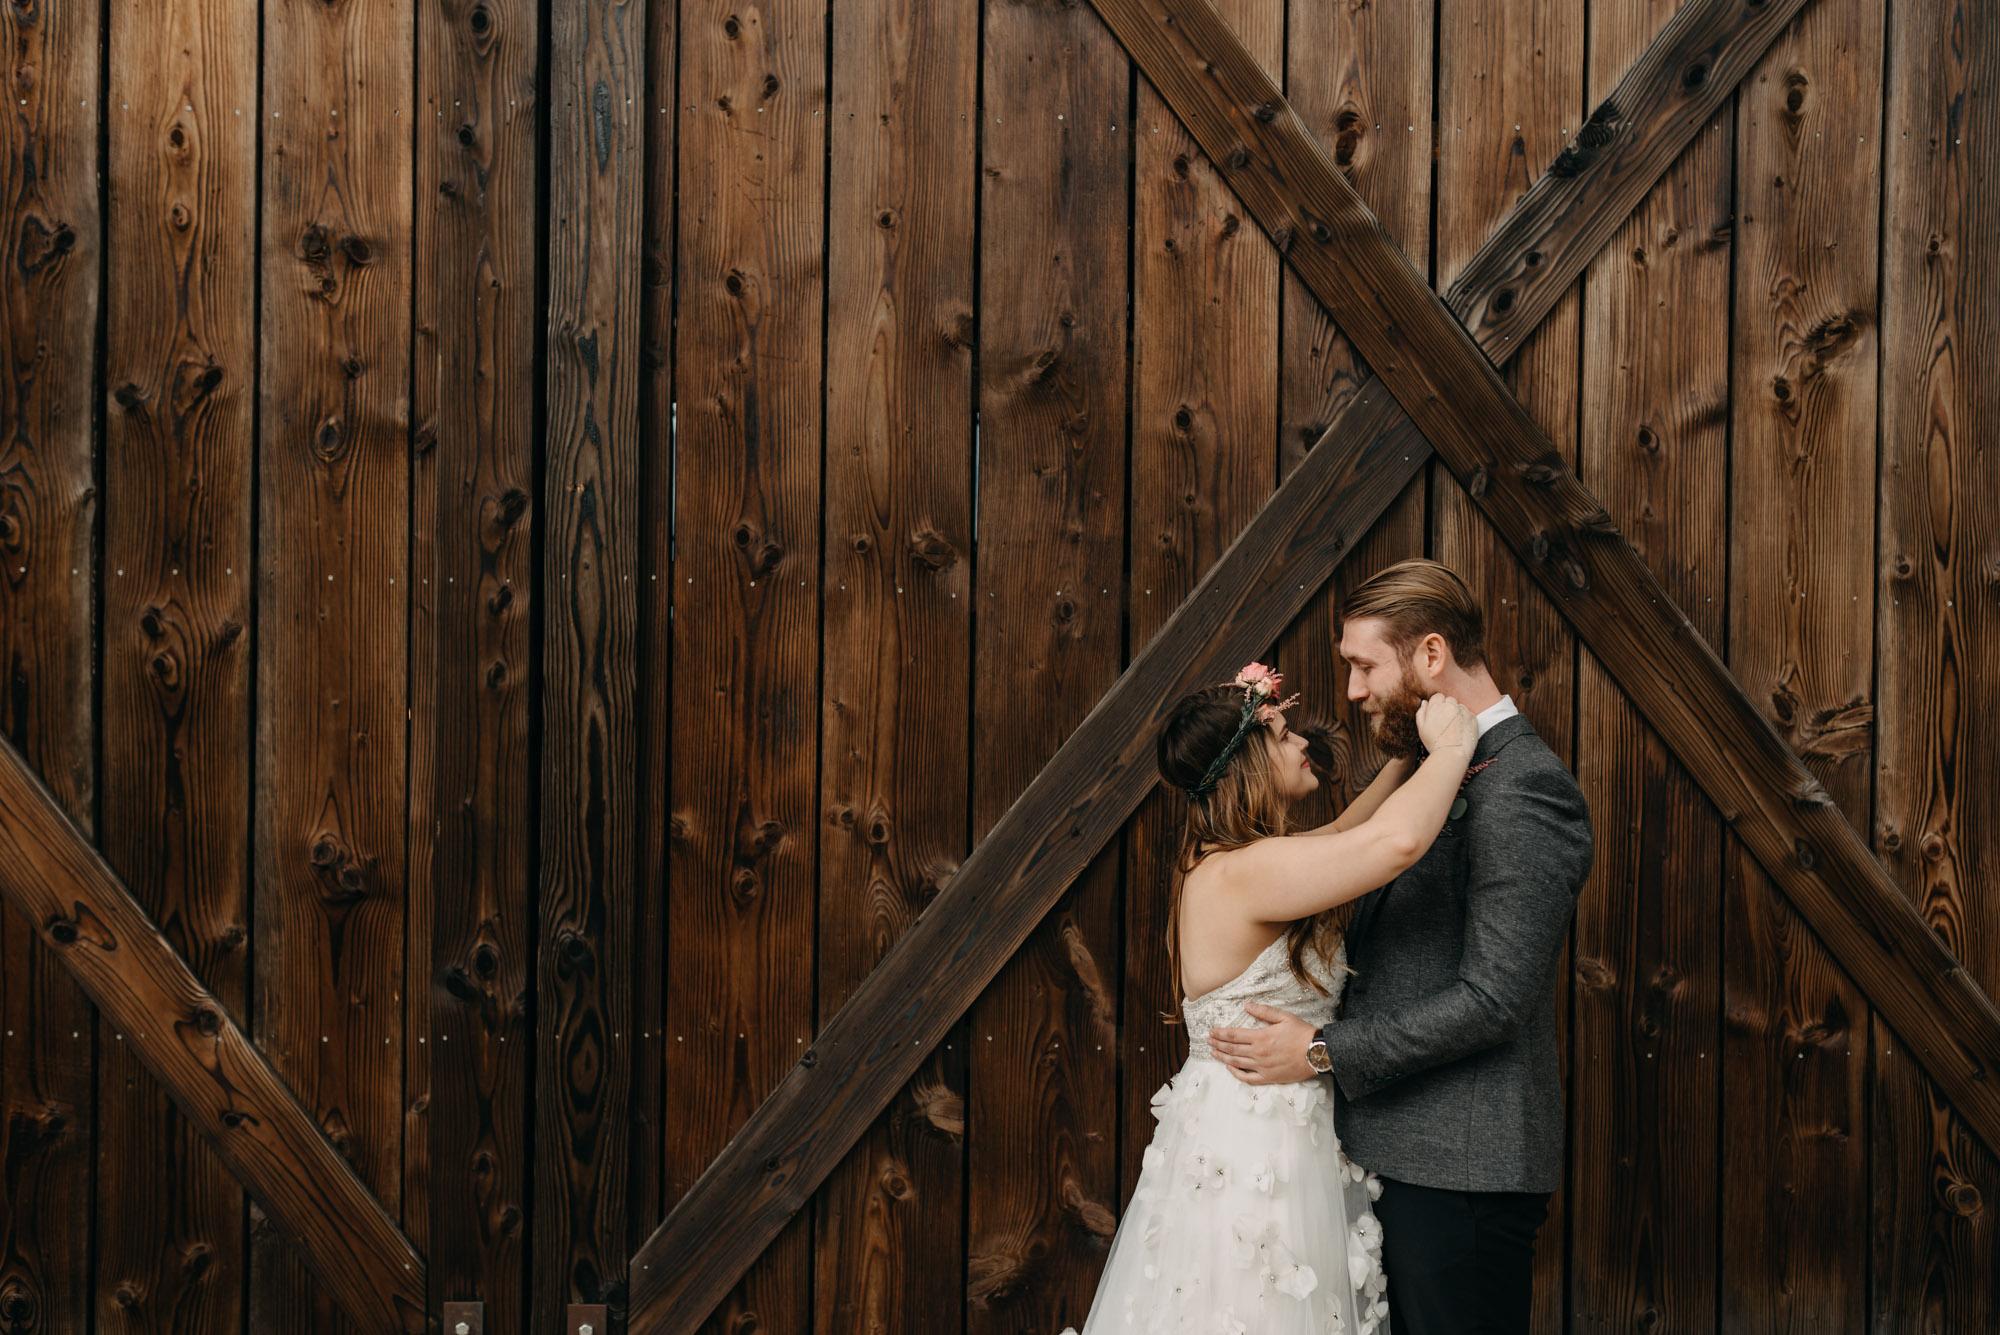 Outdoor-First-Look-Washington-Wedding-Barn-Door-8086.jpg